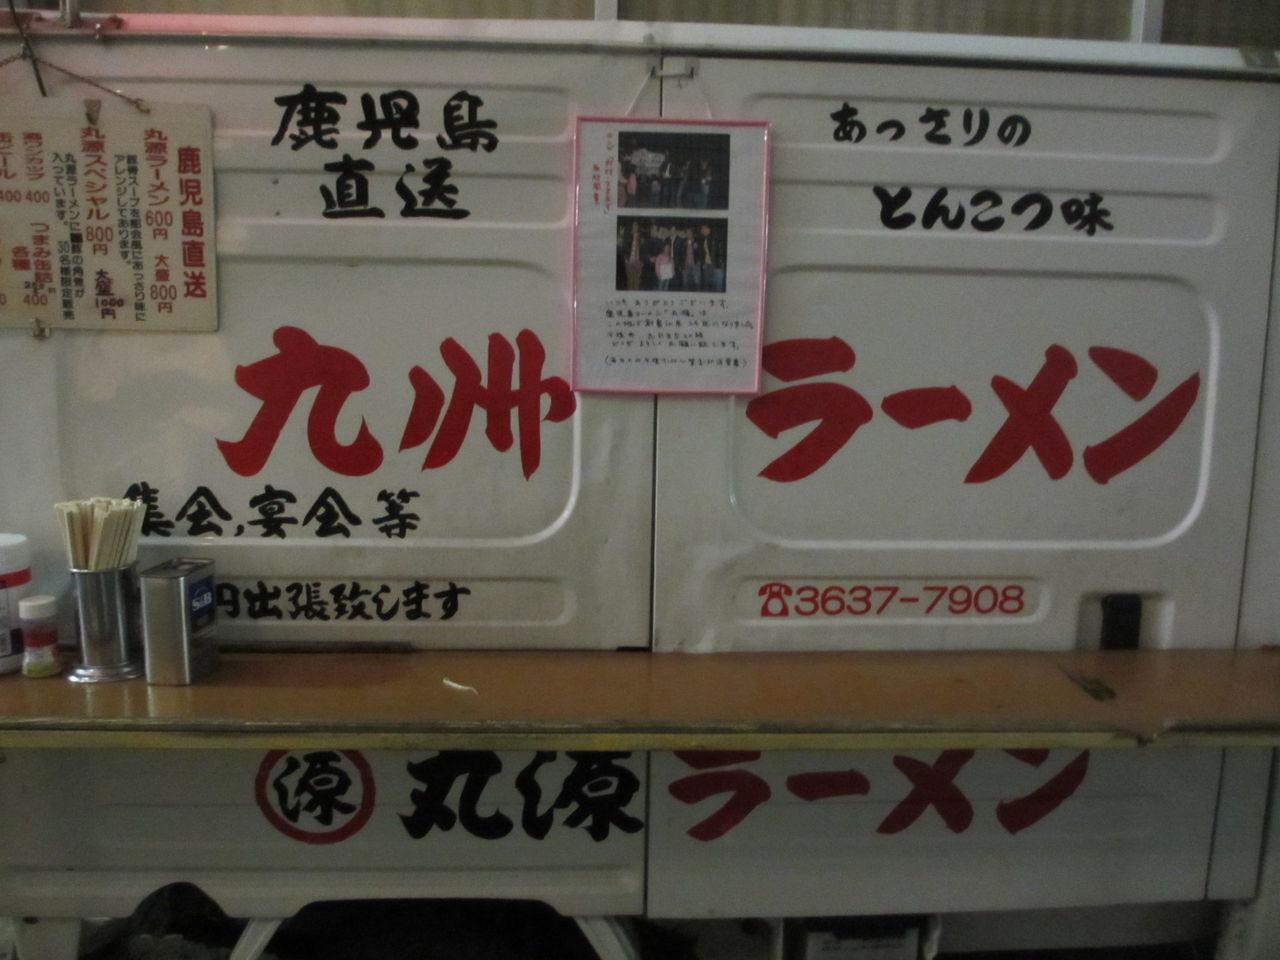 丸 源 ラーメン 東京